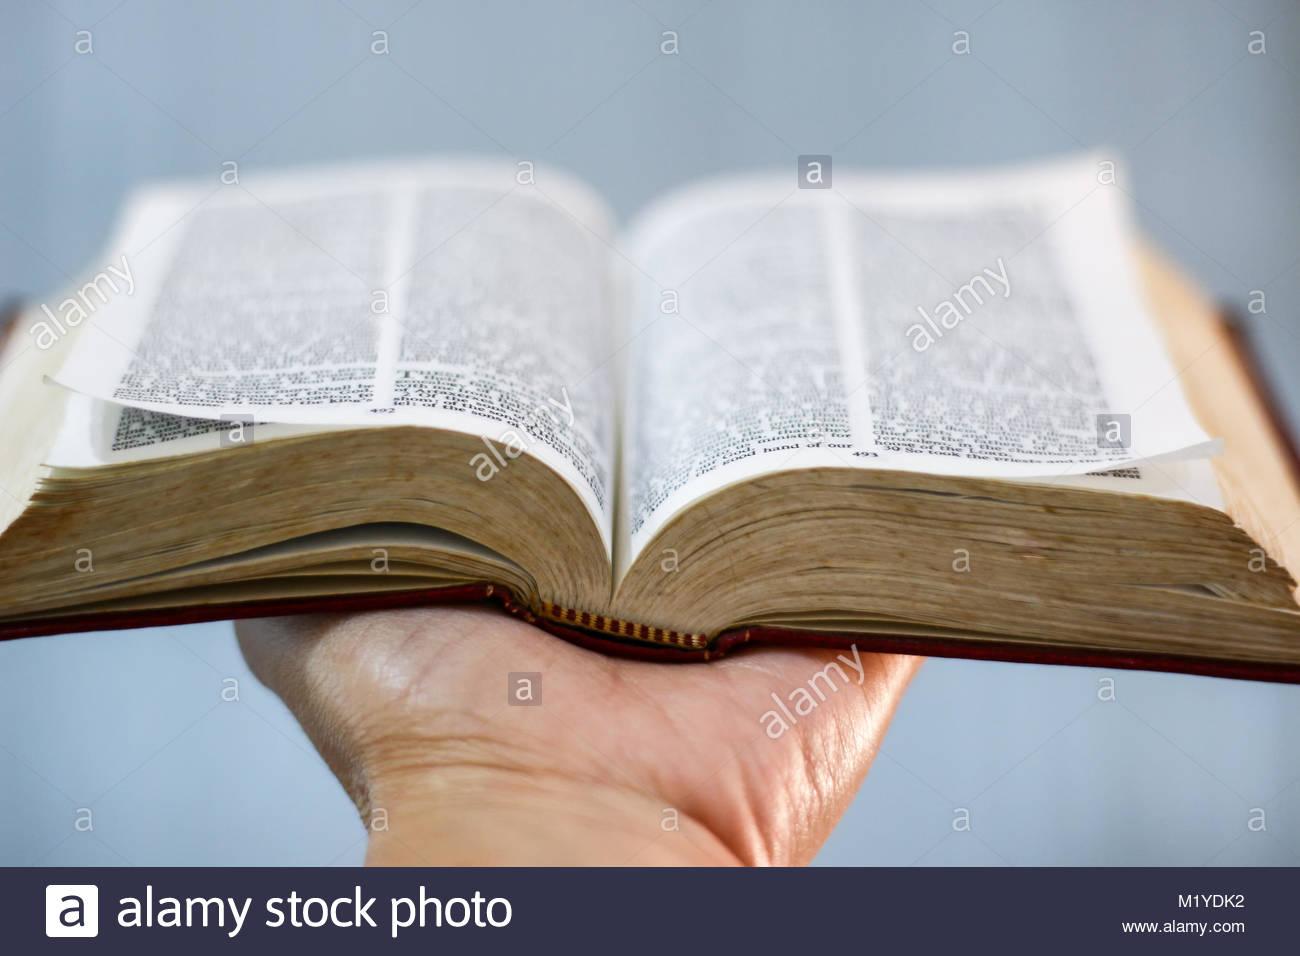 La Credenza Religiosa : La bibbia preghiera fede religione chiesa pregando